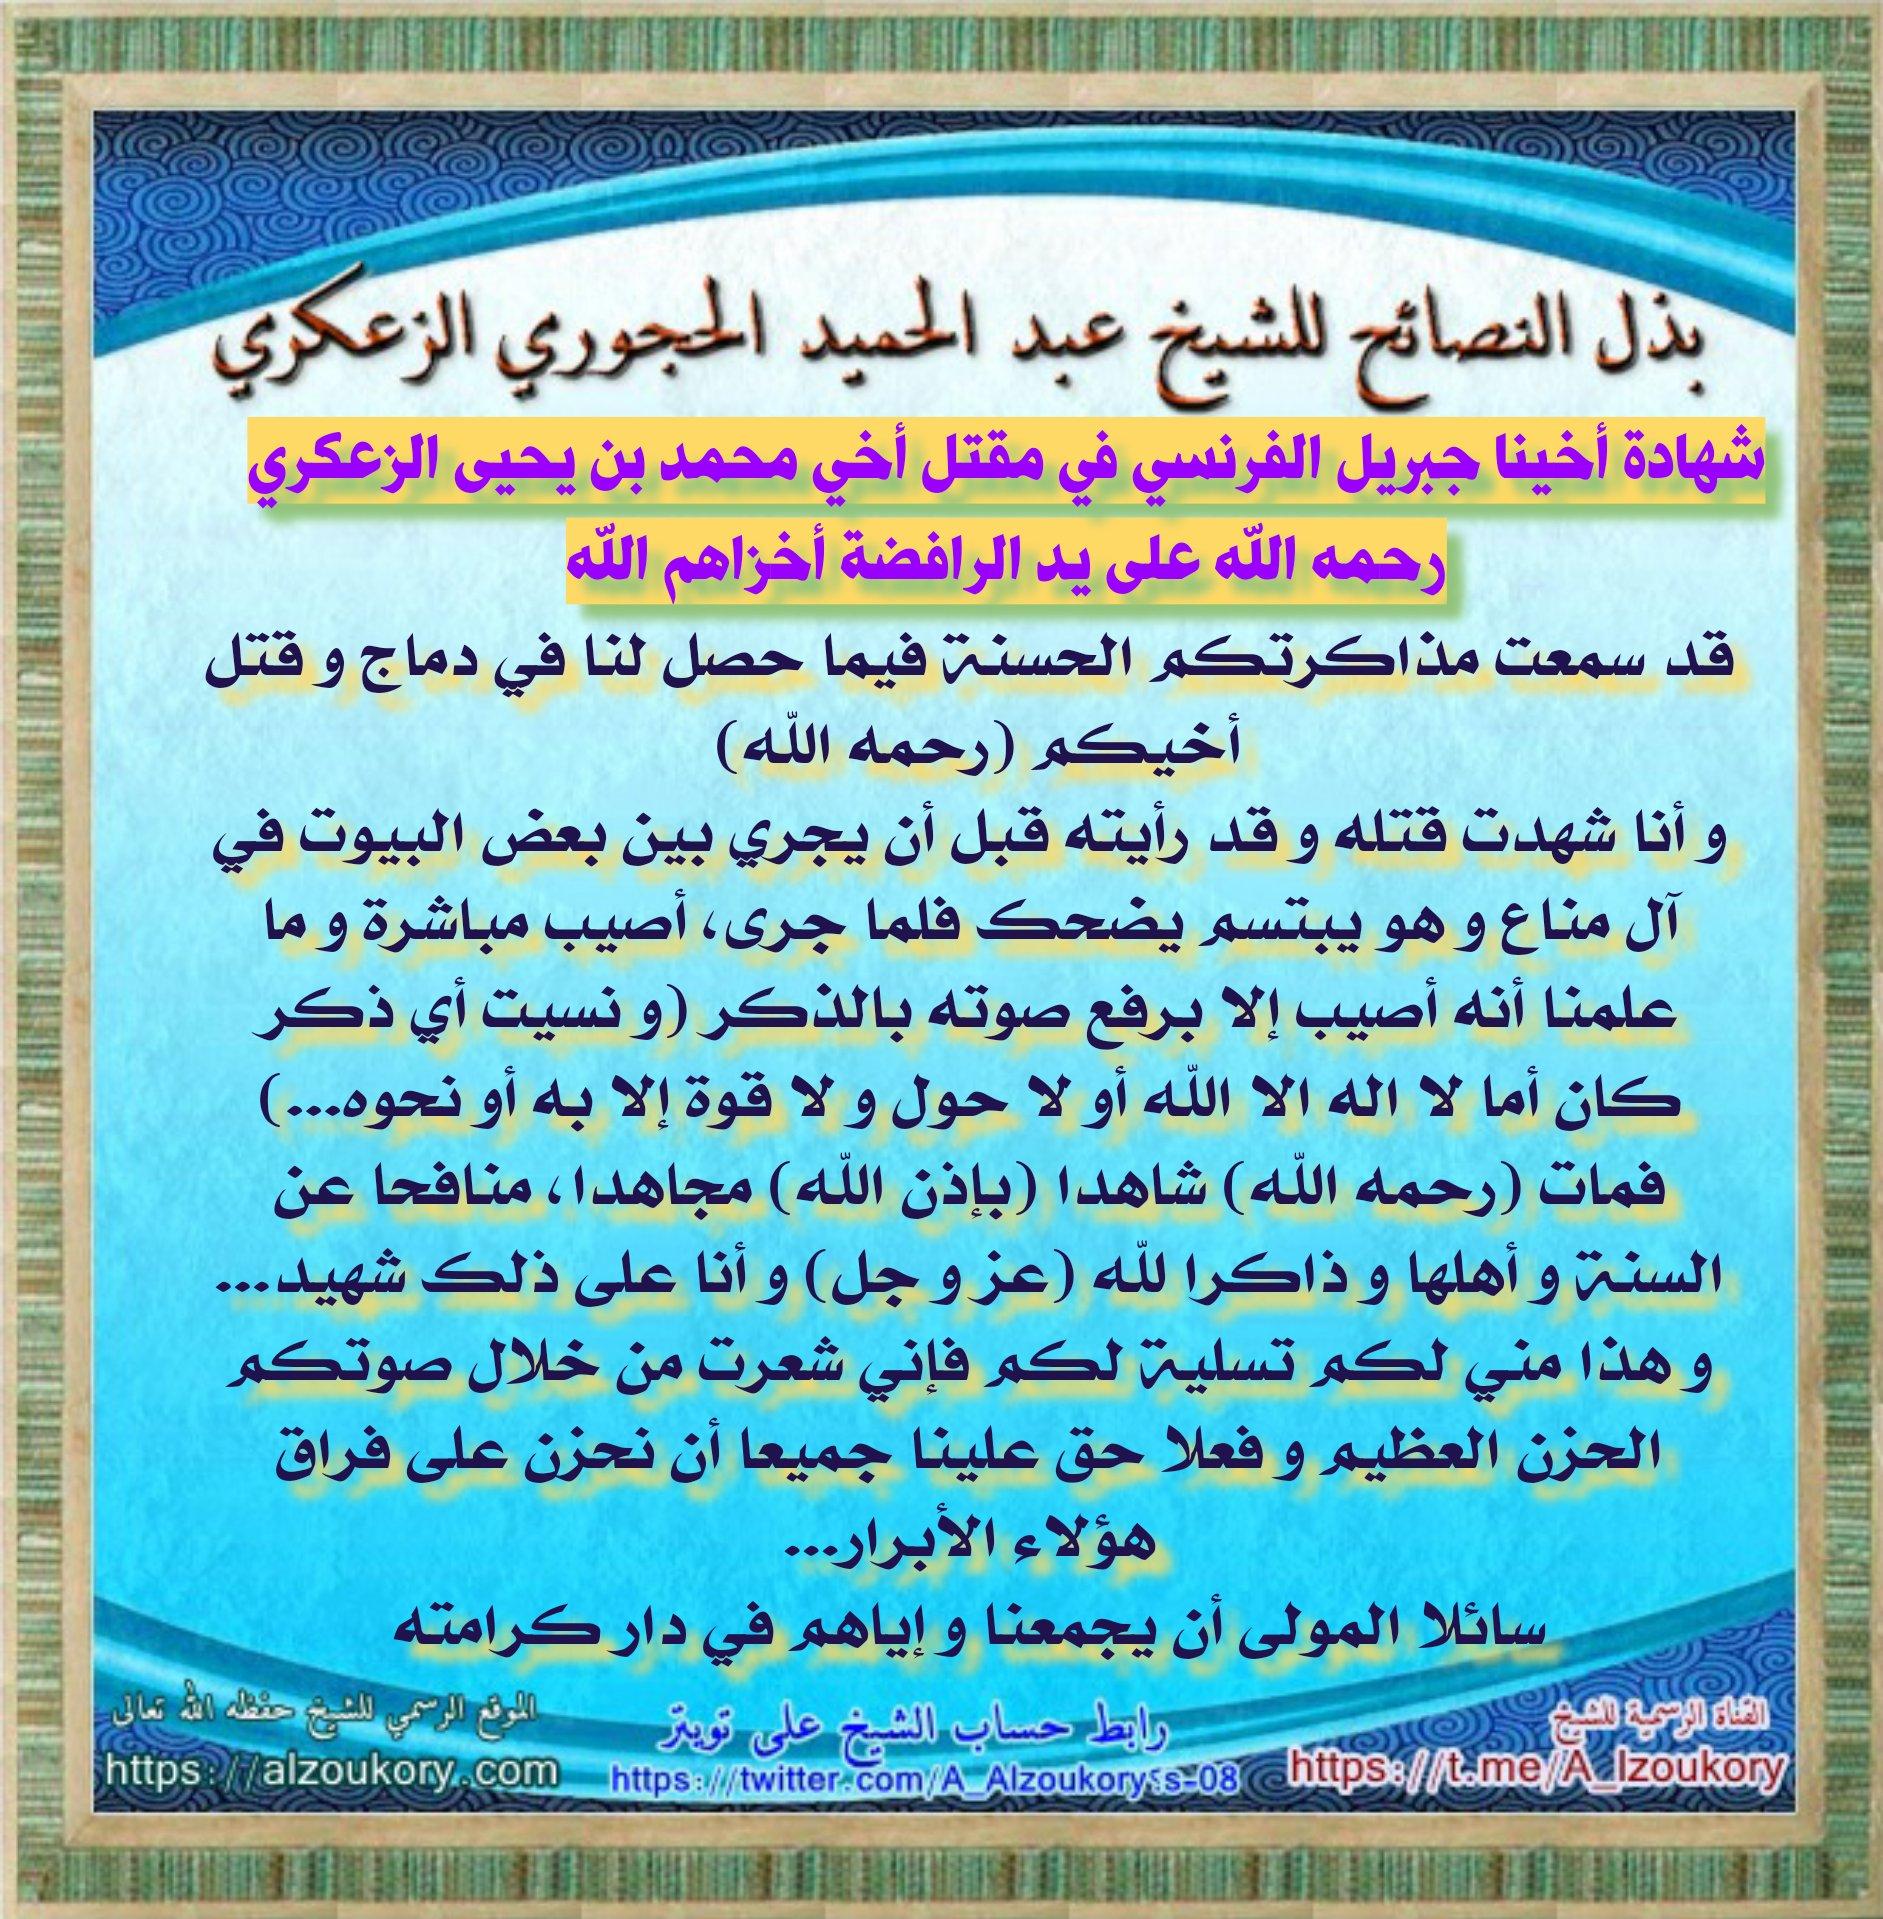 شهادة أخينا جبريل الفرنسي في مقتل أخي محمد بن يحيى الحجوري رحمه الله على يد الرافضة أخزاهم الله